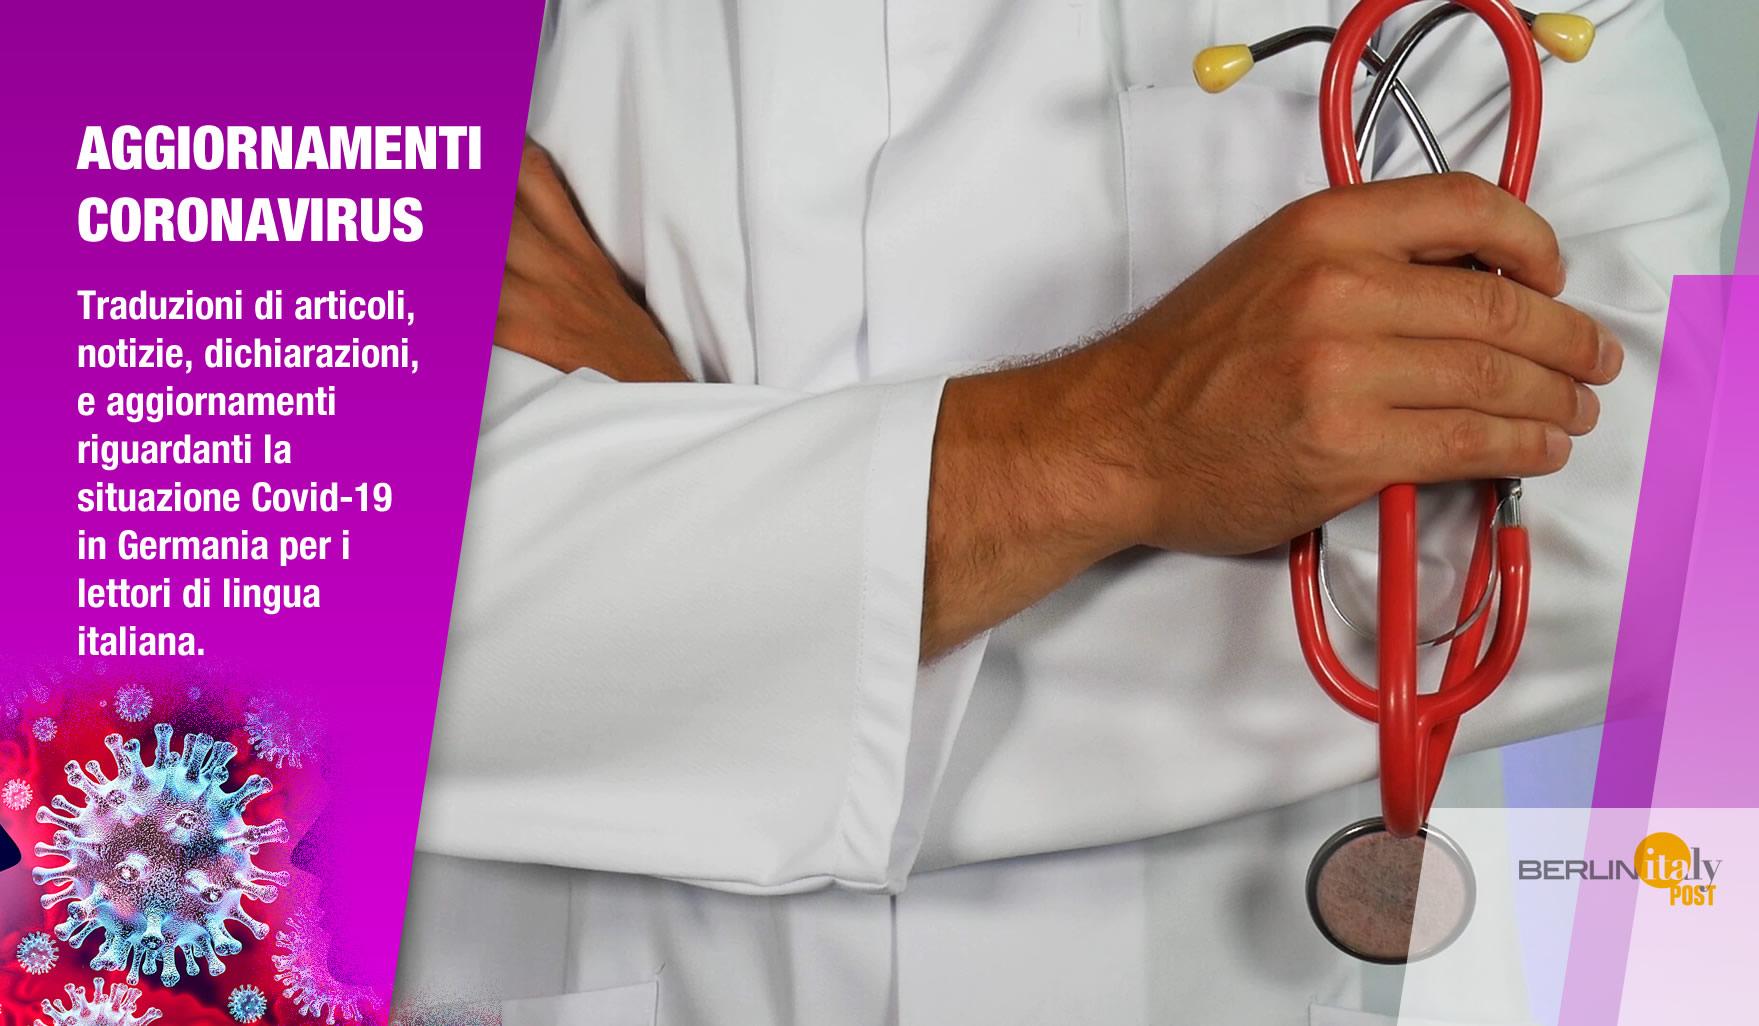 Interessanti risultati nello studio clinico dei primi pazienti tedeschi bavaresi